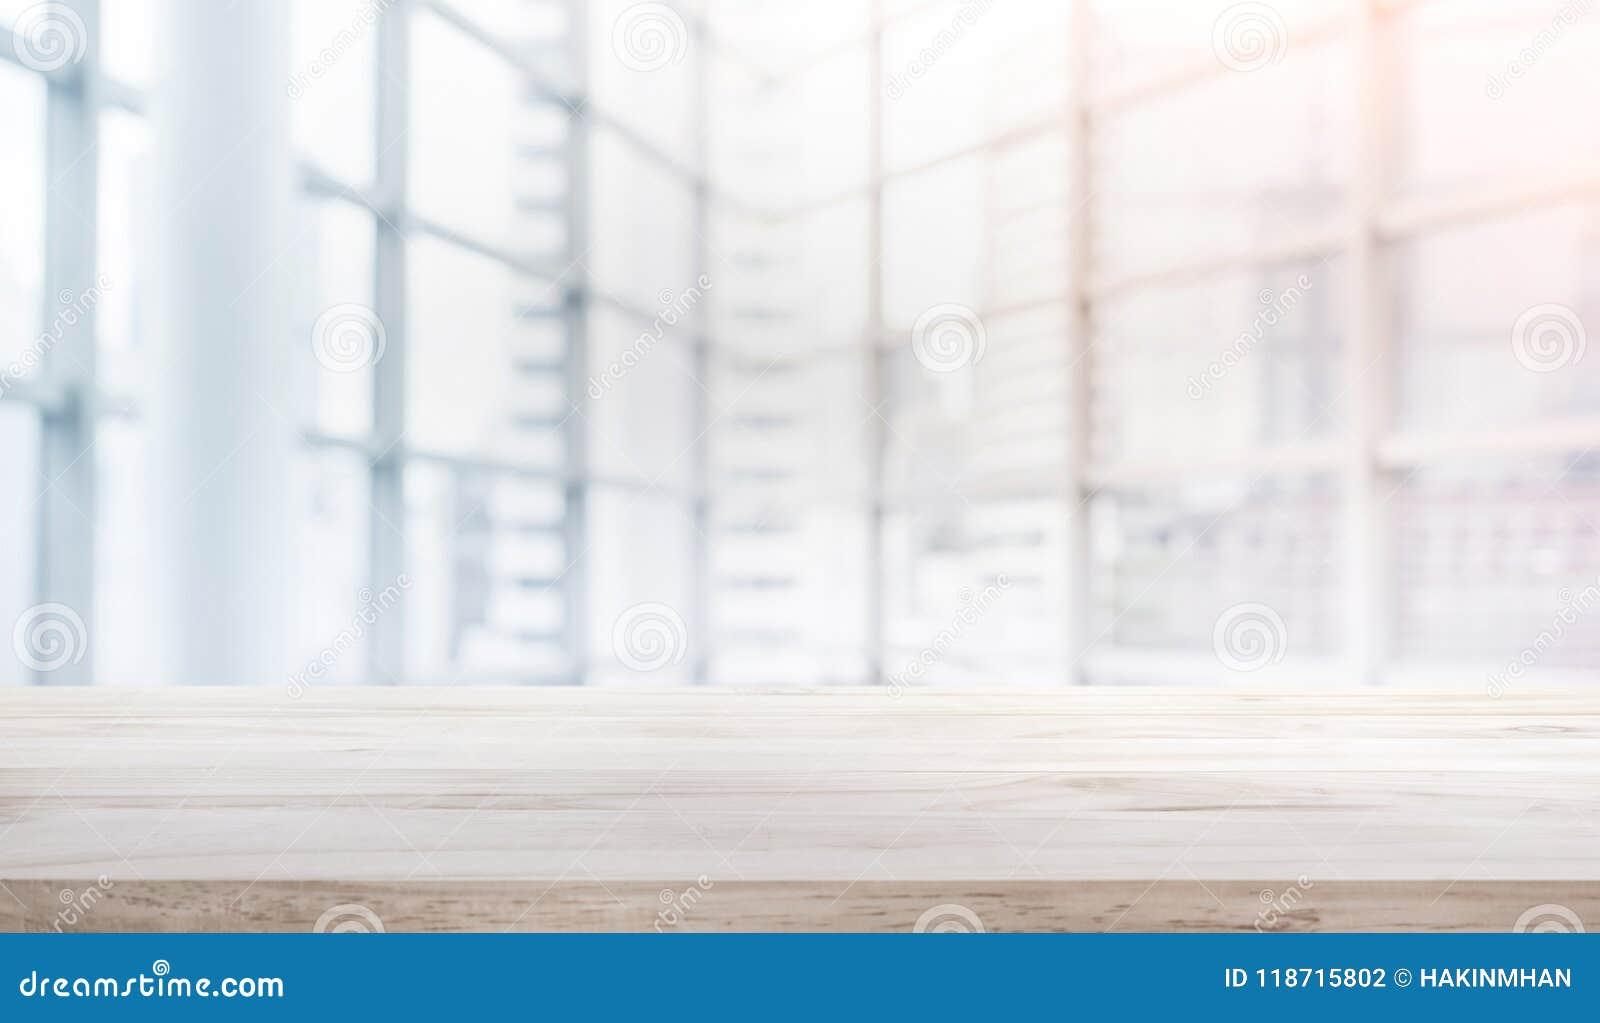 Tampo da mesa de madeira no escritório branco do formulário do fundo da janela de vidro do borrão